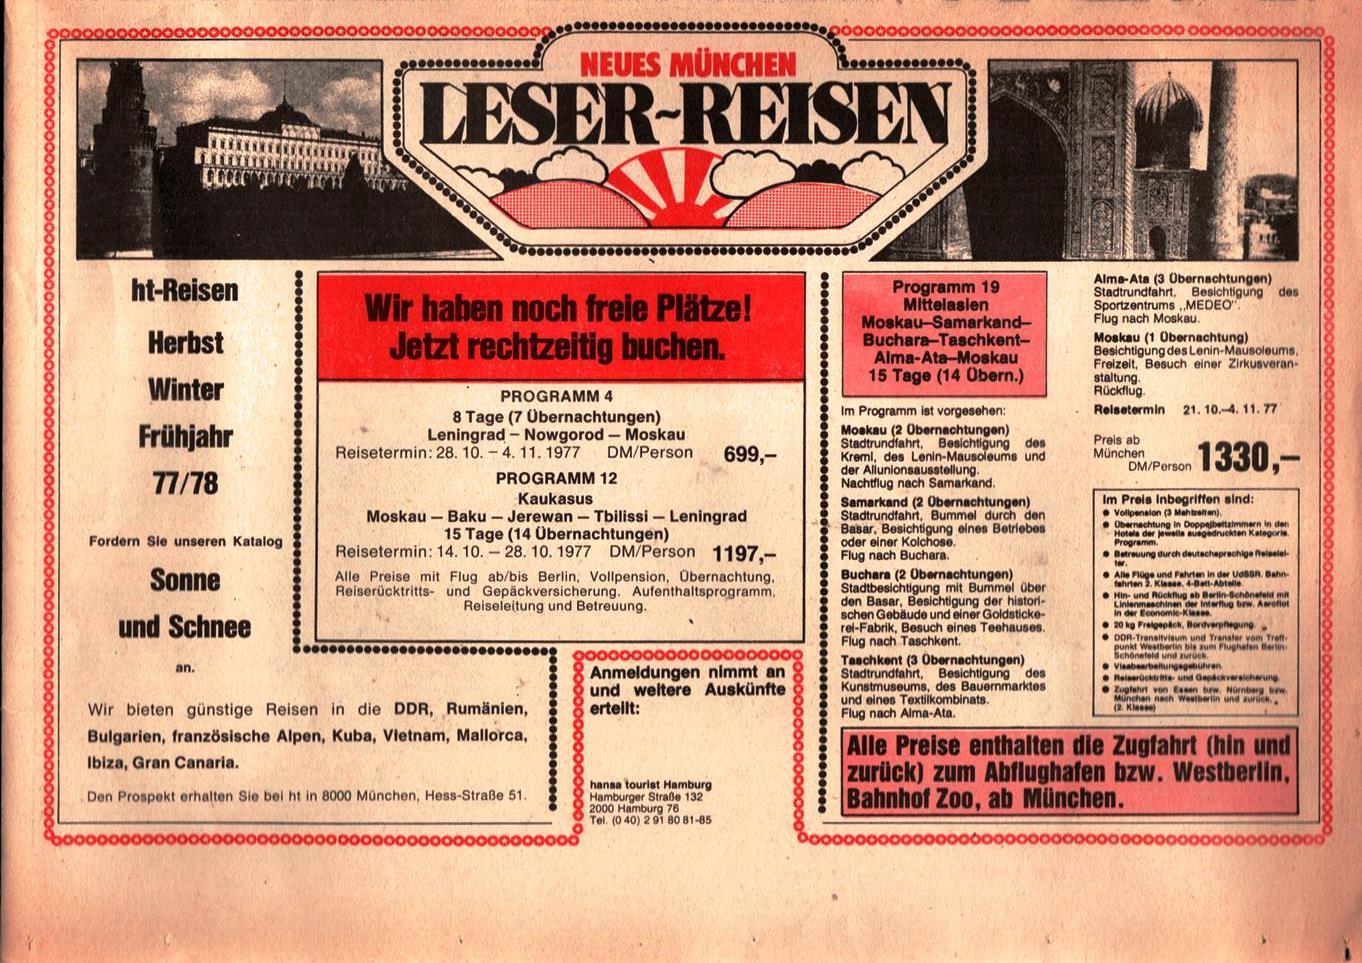 Muenchen_DKP_Neues_Muenchen_19770900_009_006